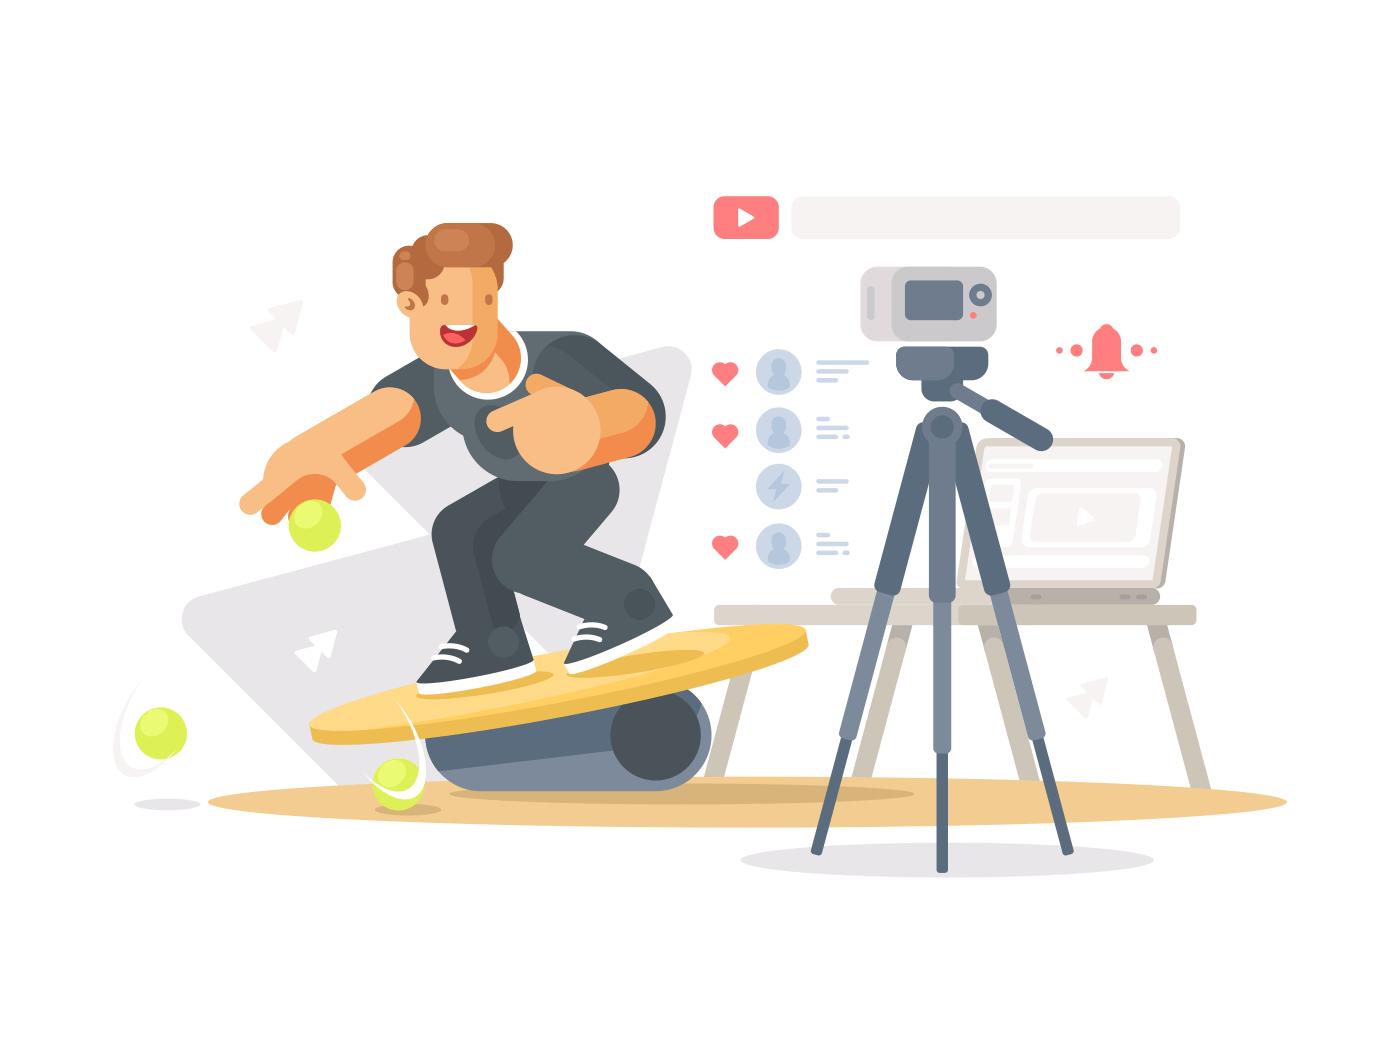 Blogger shoots video illustration